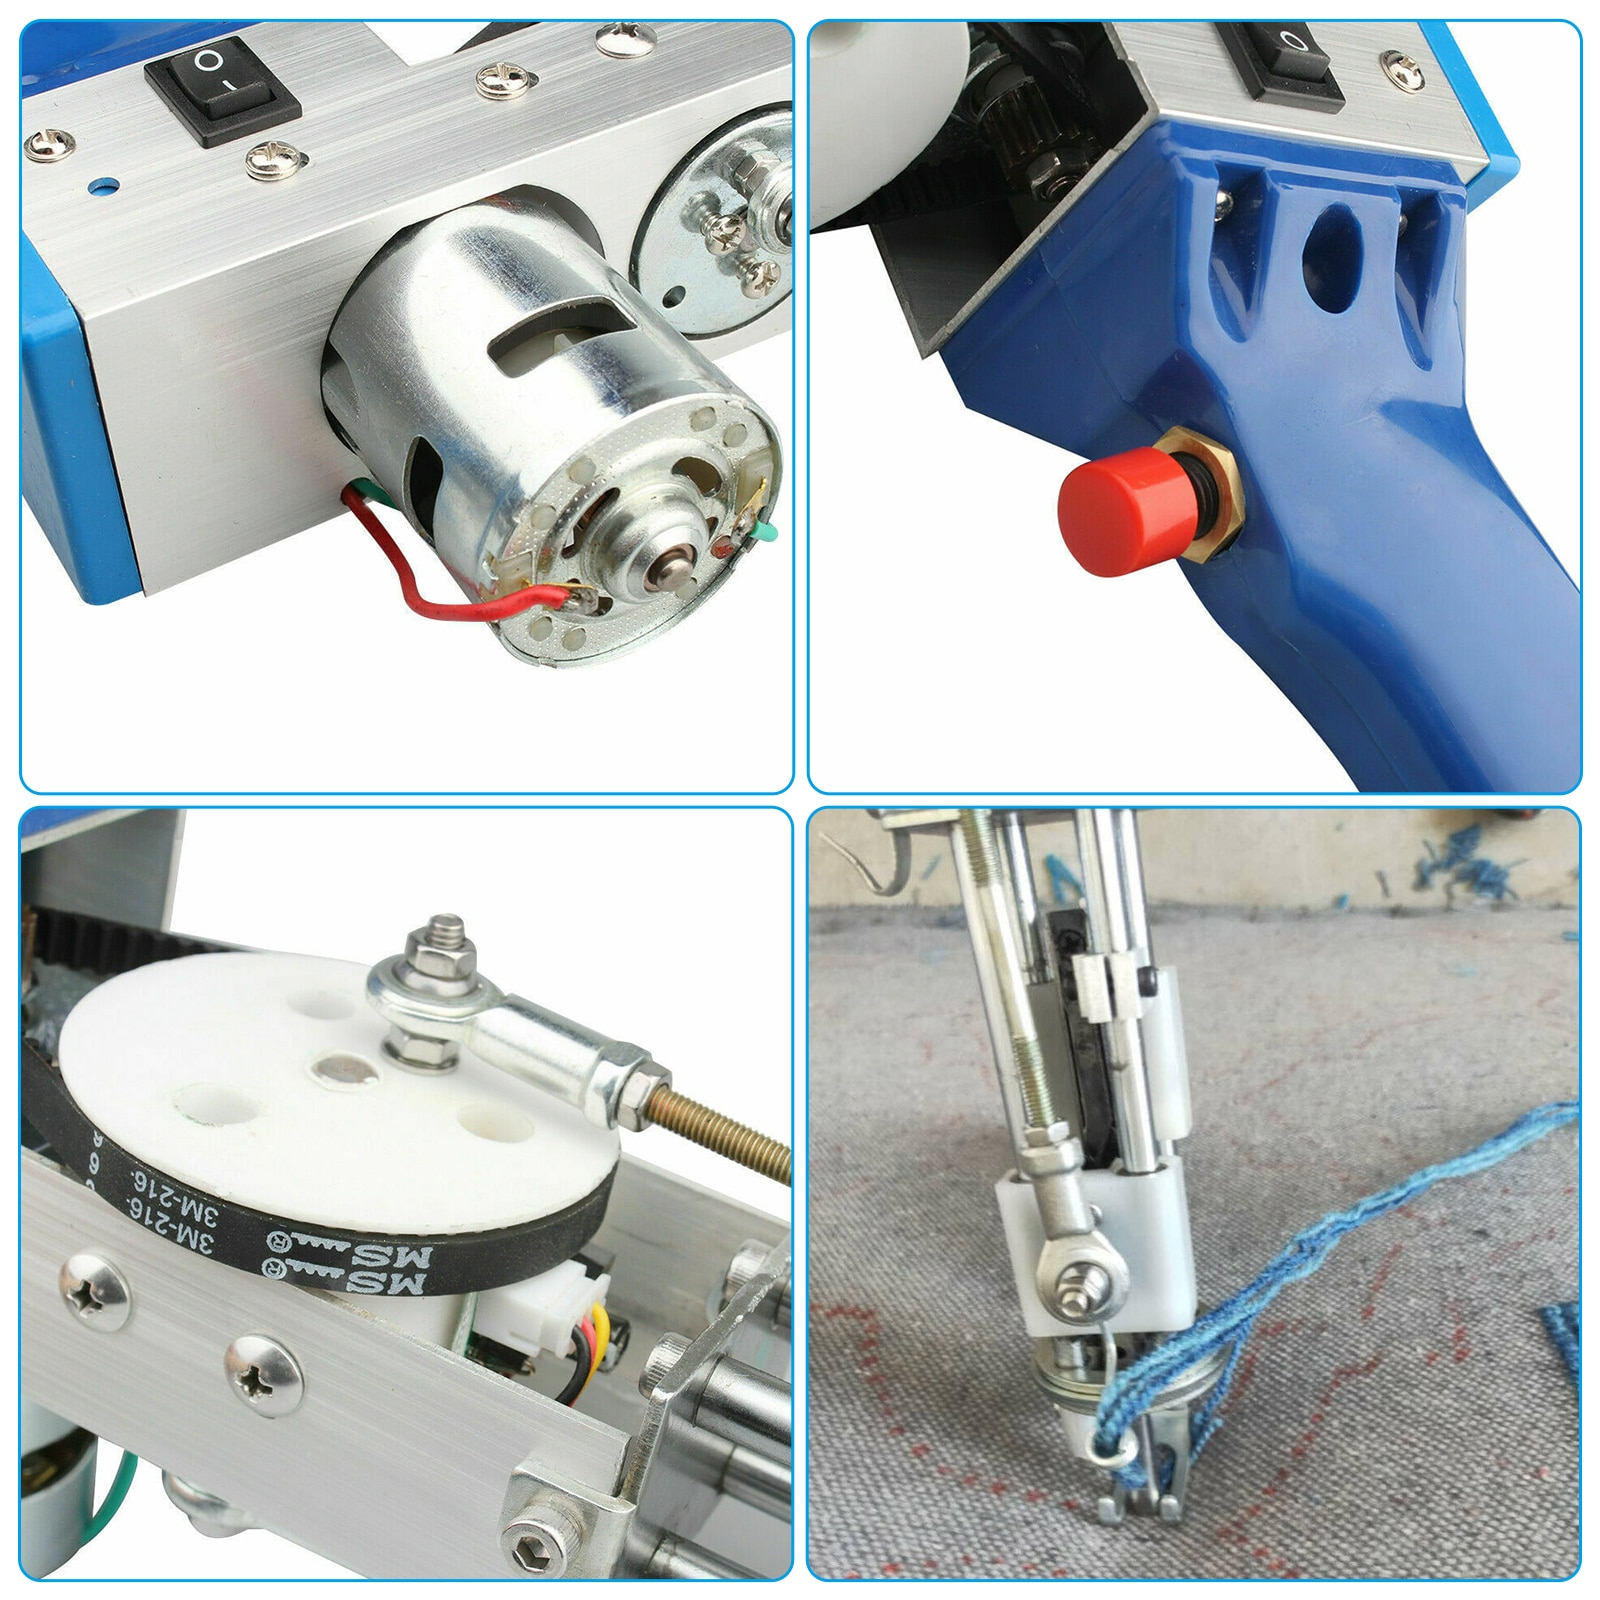 Electric Carpet Tufting Gun Cut Pile 100V-240V Loop Pile Hand Gun Carpet Weaving Flocking Machines 7-21mm Knitting Machine enlarge